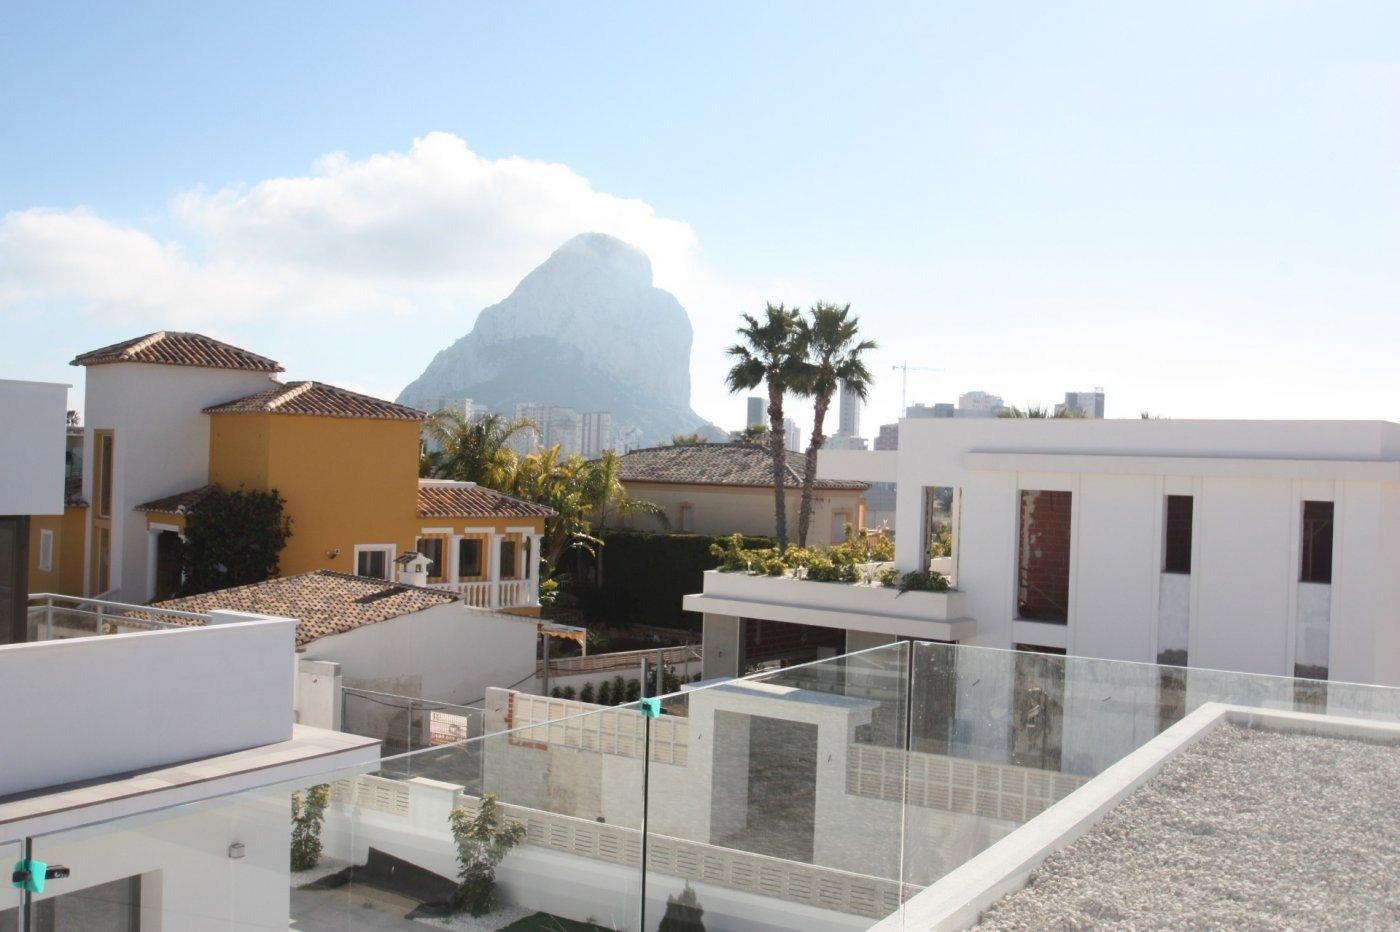 Villa de obra nueva de estilo moderno en venta en calpe a 600 m de la playa - imagenInmueble17